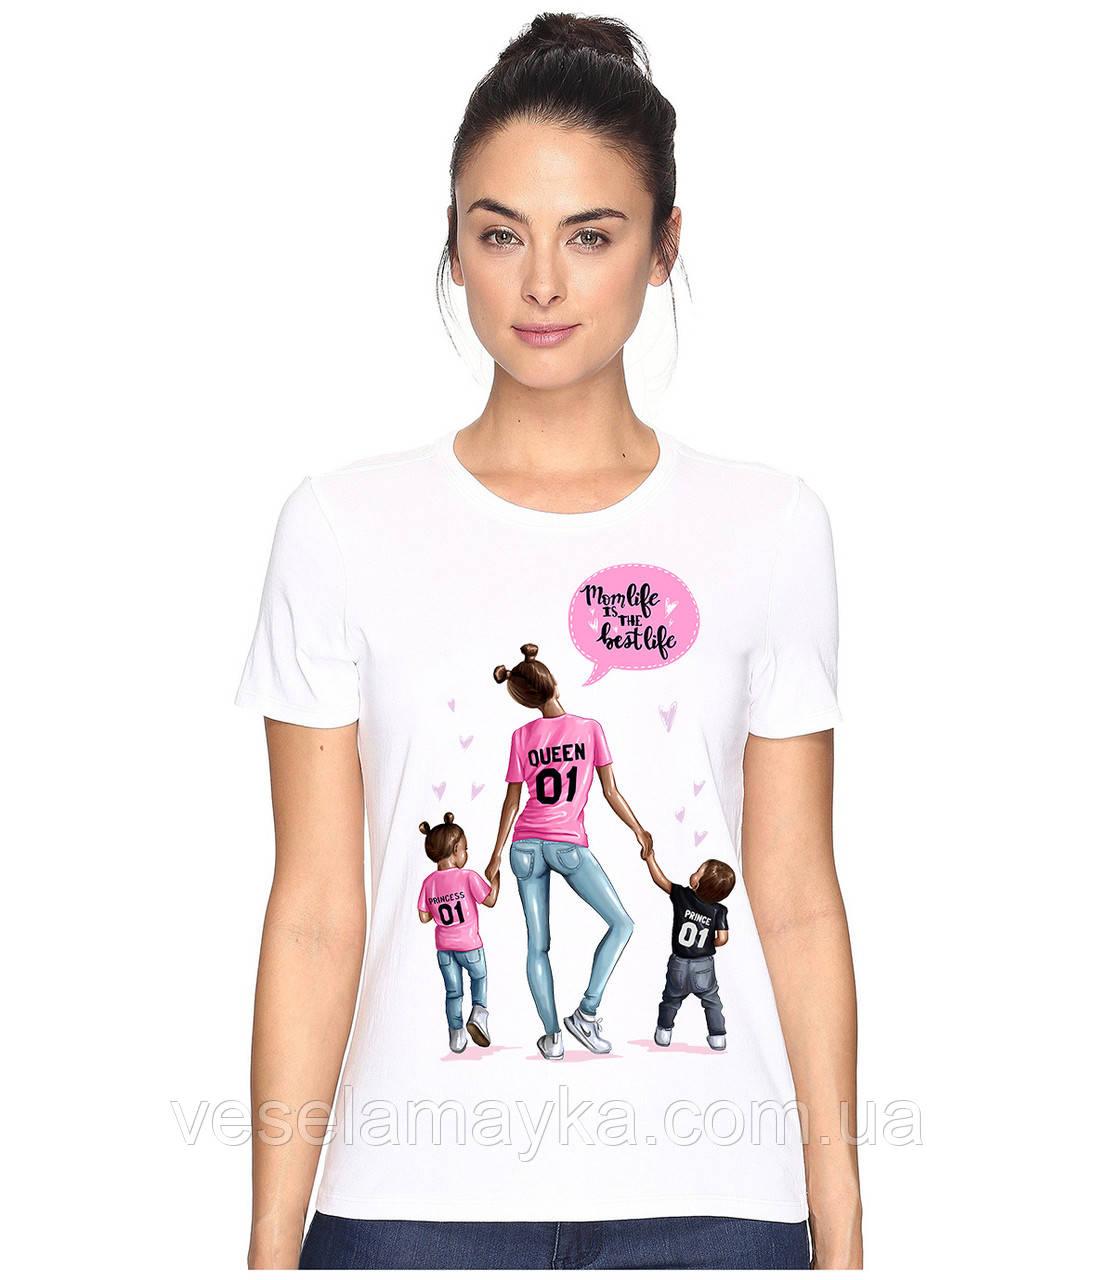 Стильная женская футболка Queen